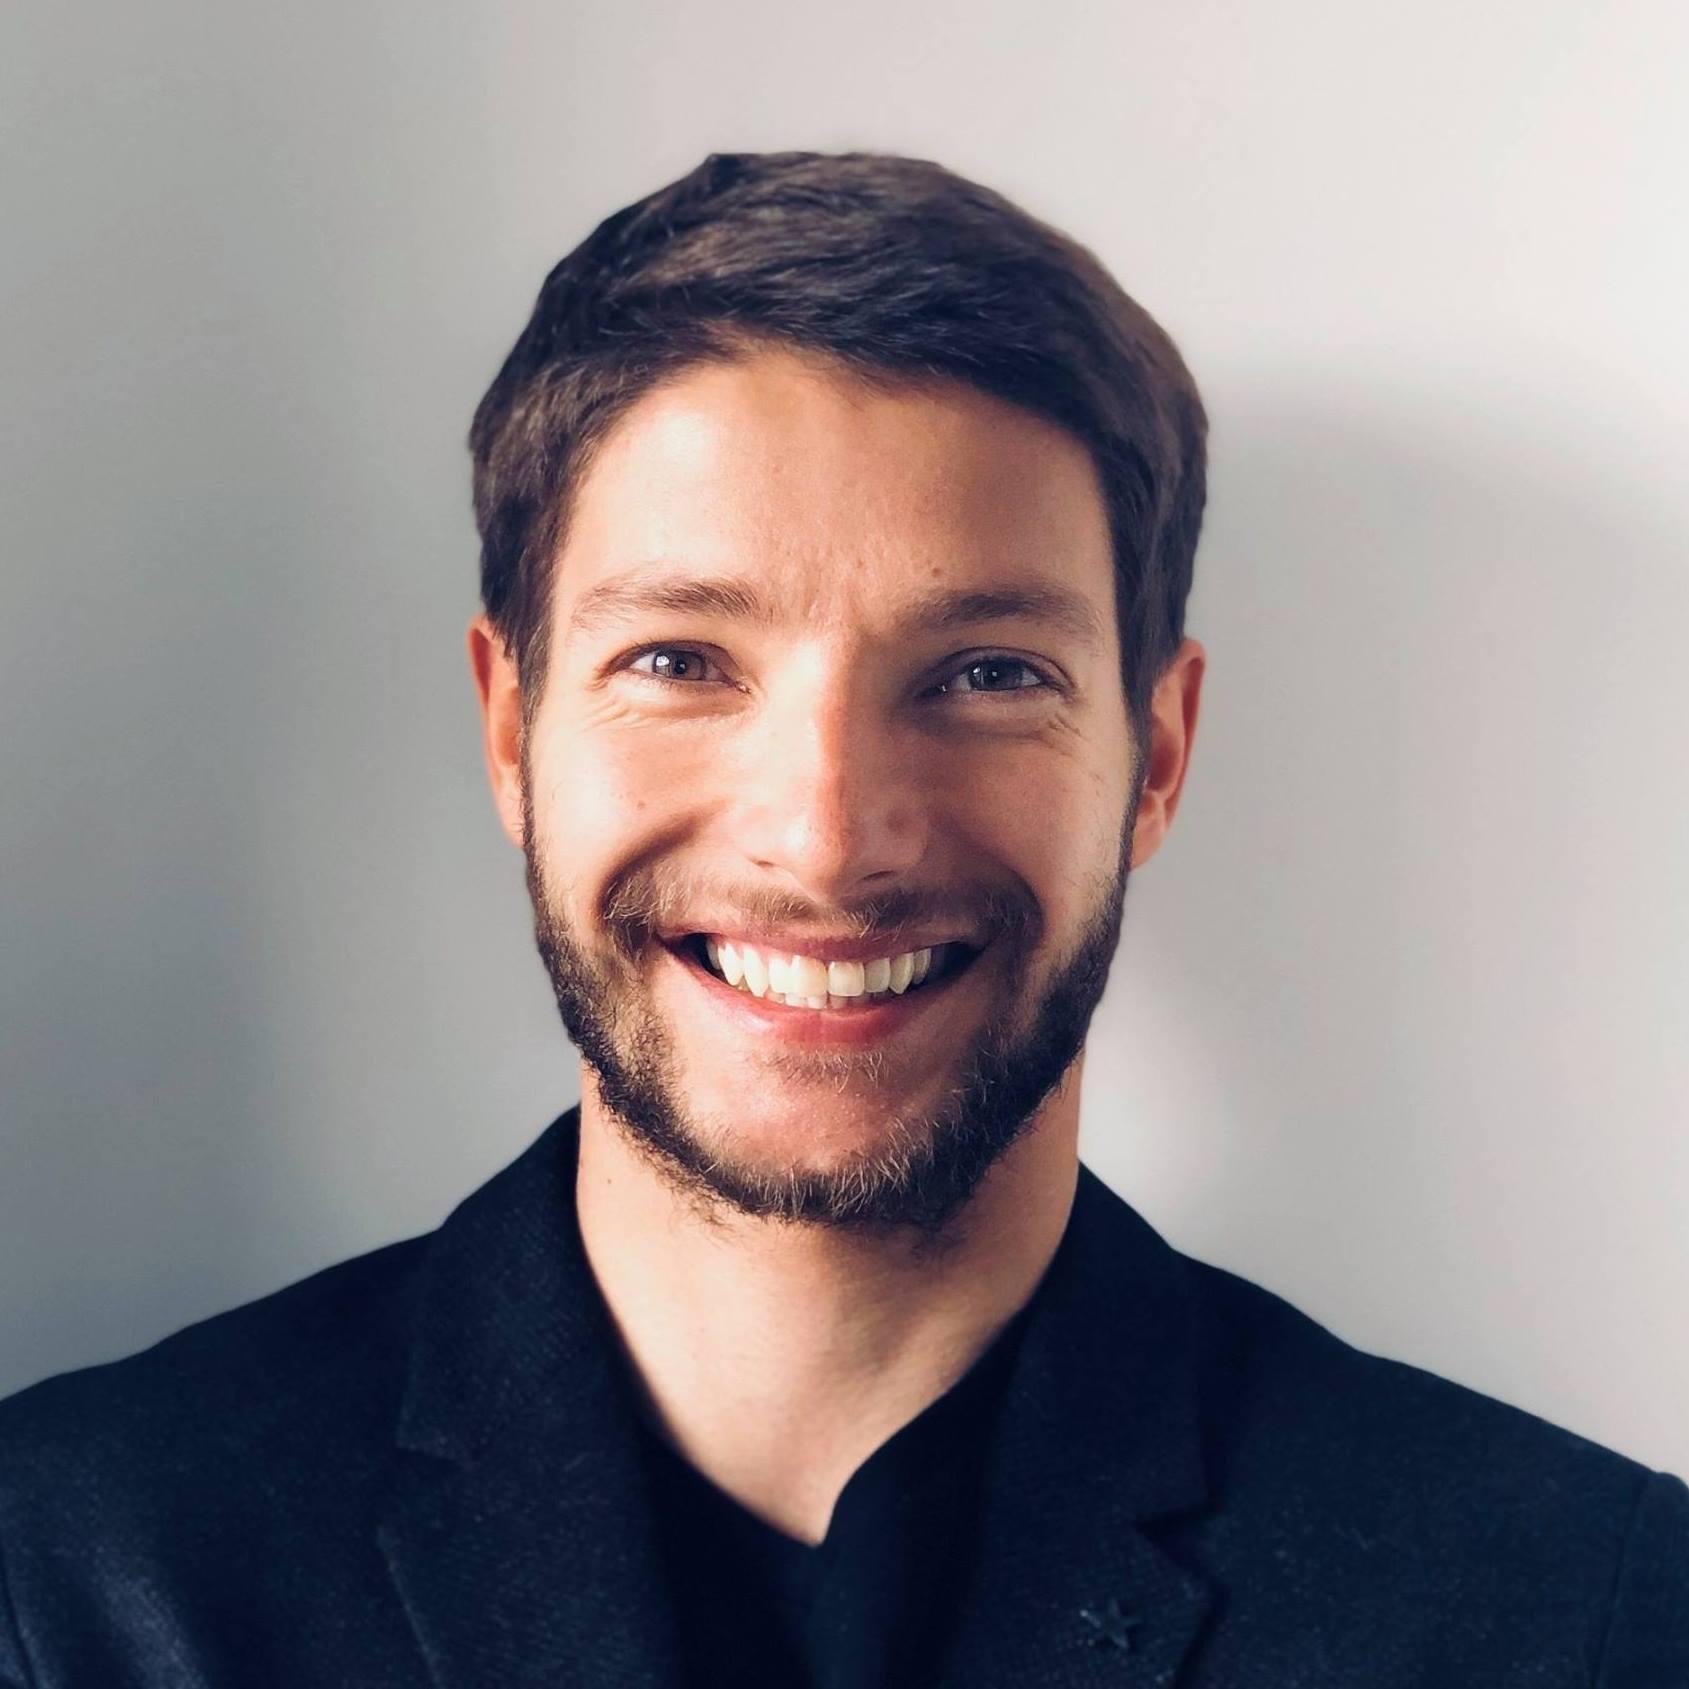 Павел Матвиенко, основатель RetargetApp